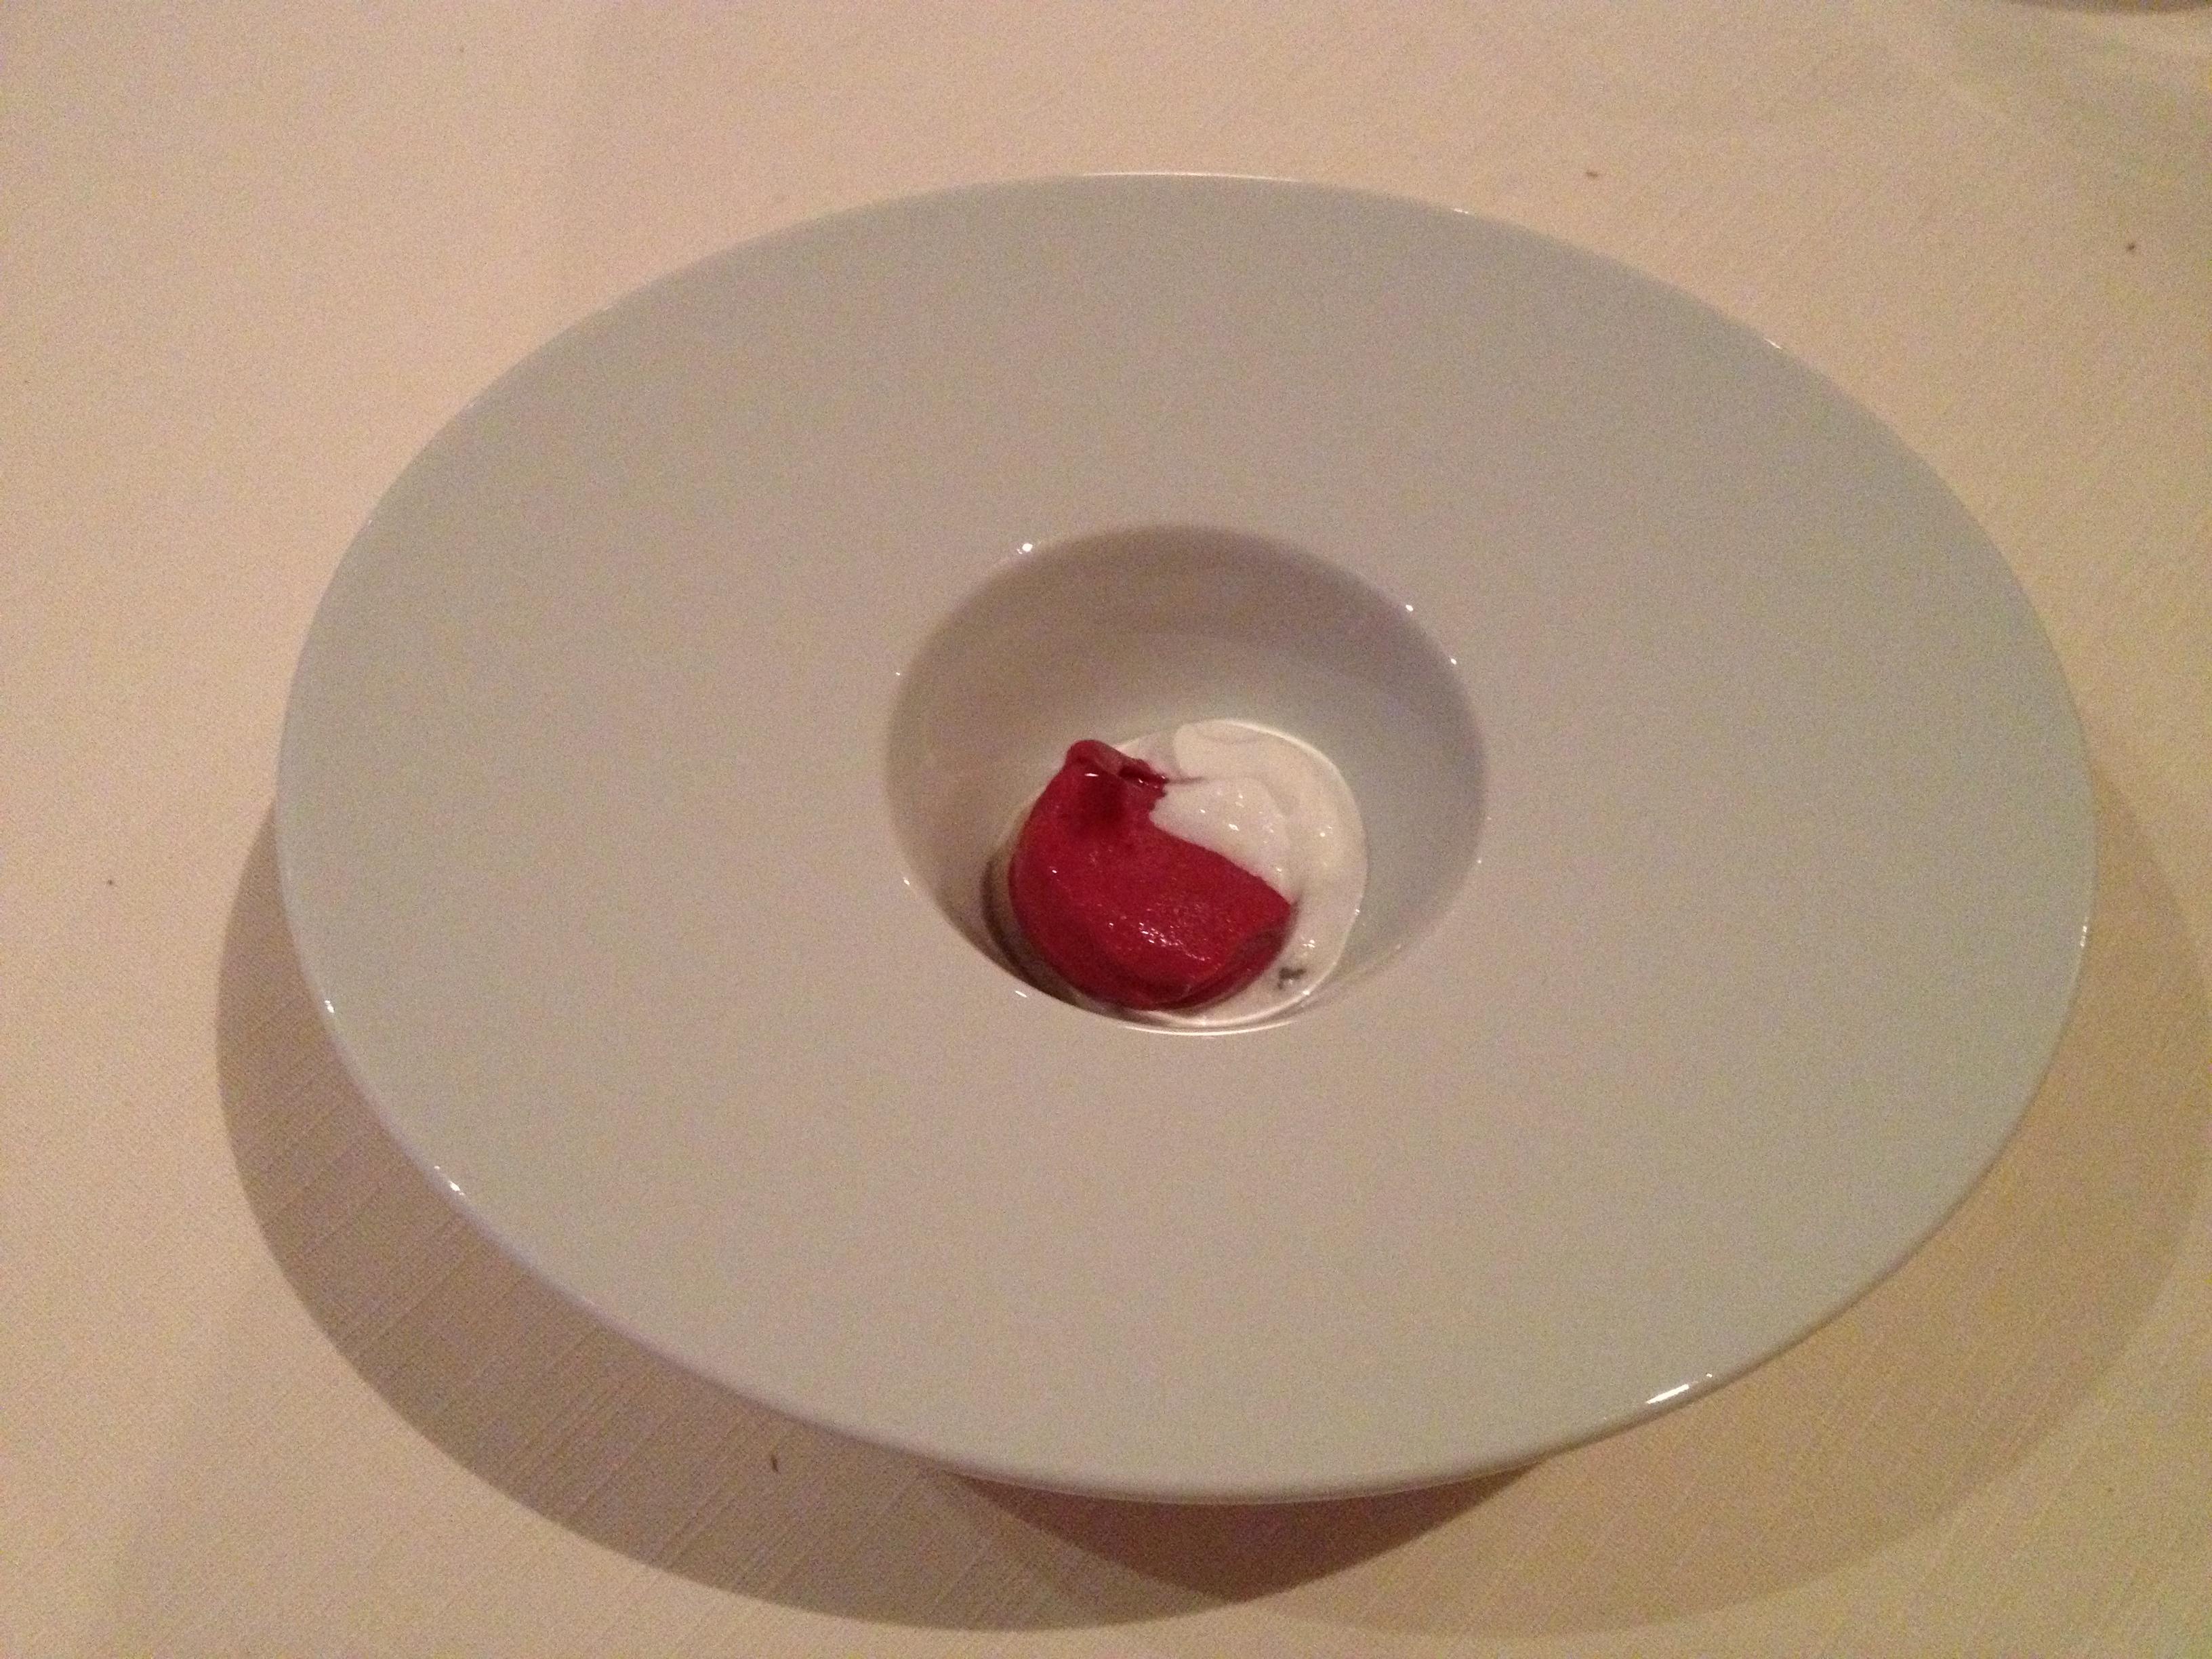 Chef's pre-dessert